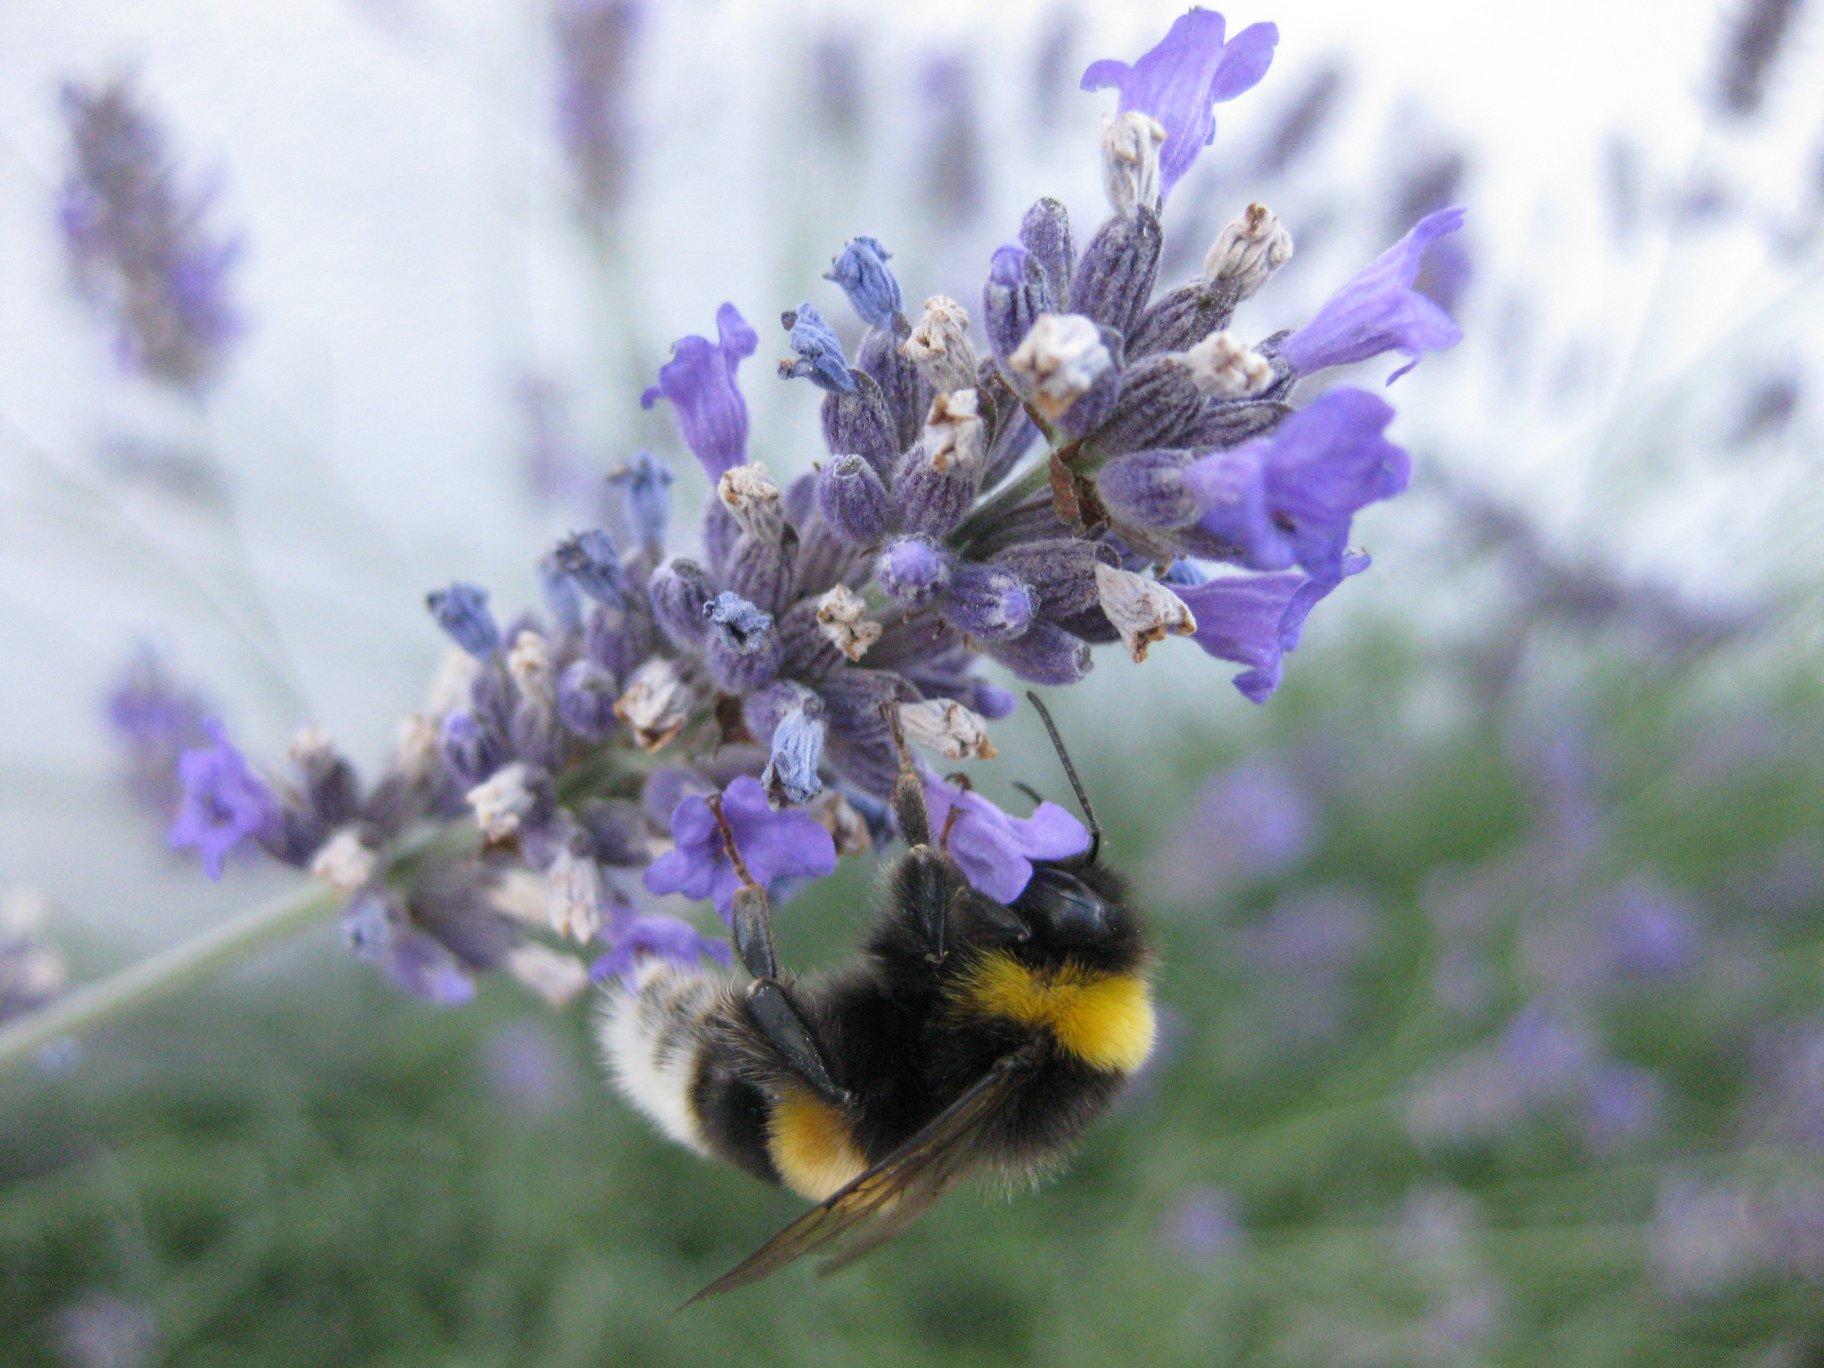 Spritzschutzstreifen - Garten-Hummel auf Echtem Lavendel